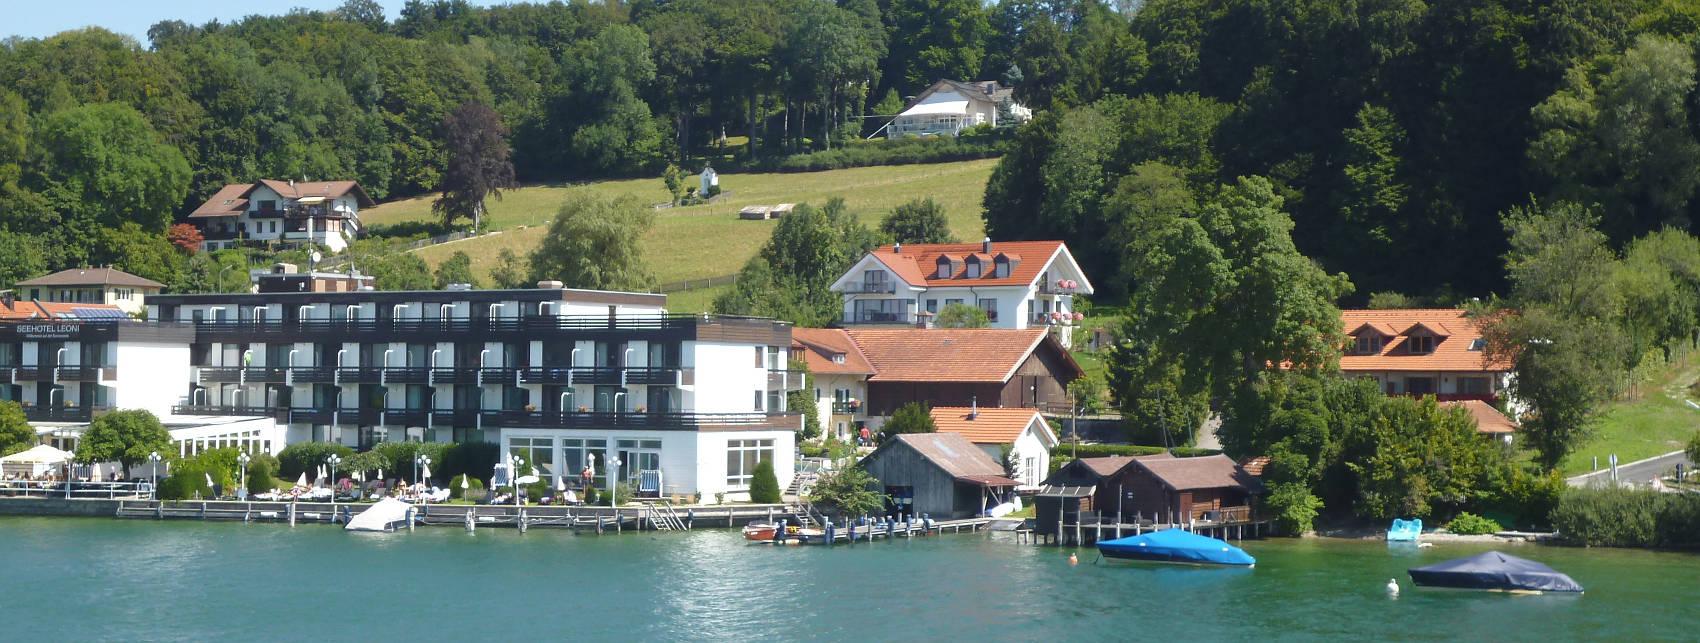 Villen Am Starnberger See